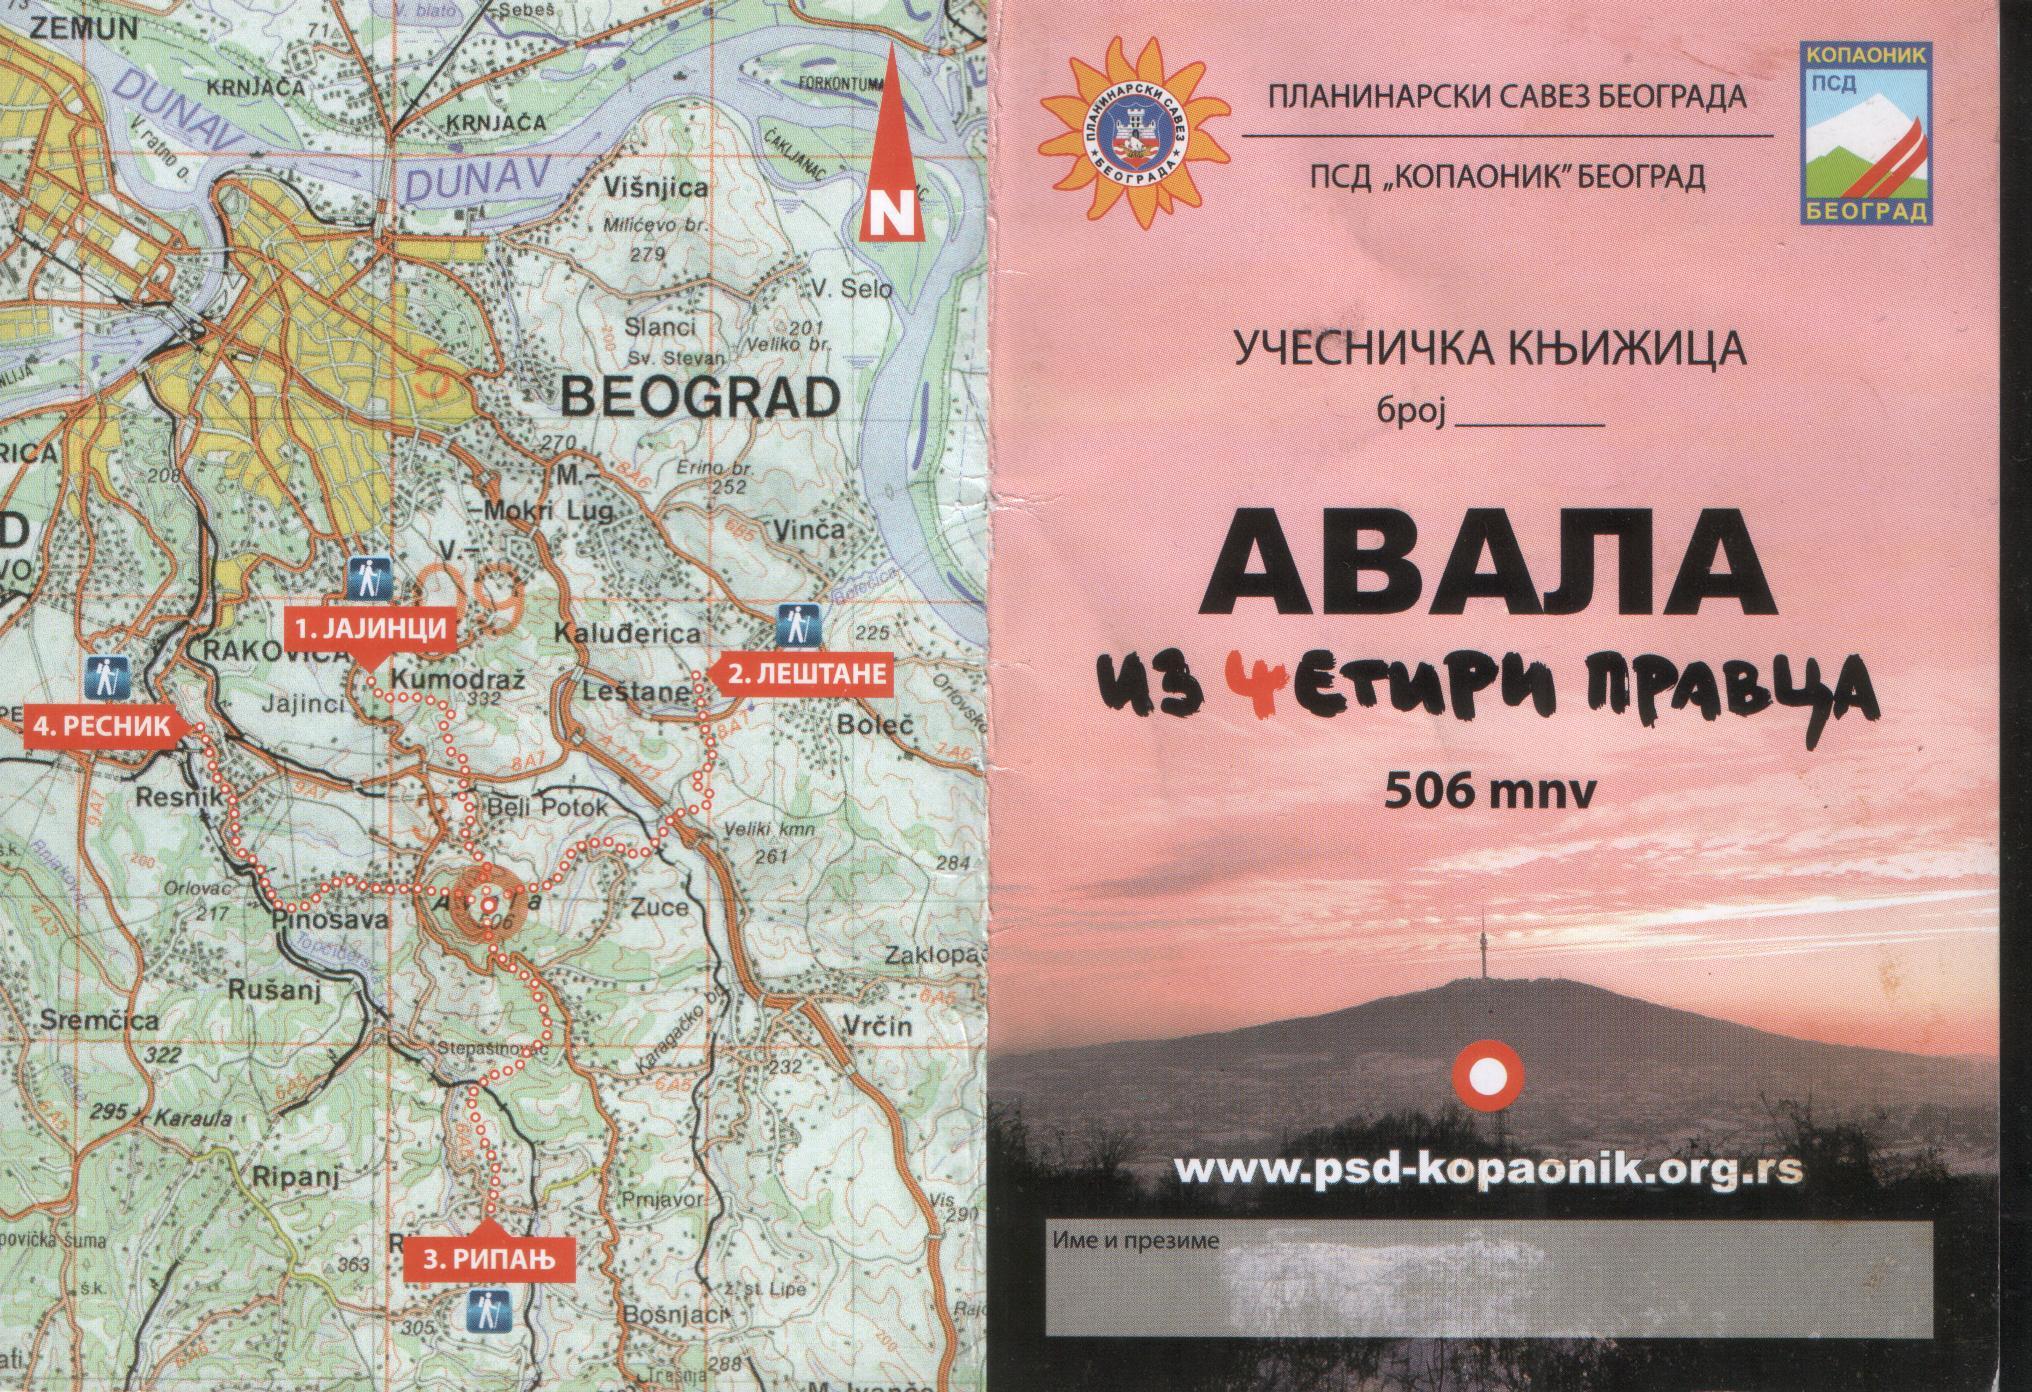 004_Ucesnicki_karton_Avala.jpg - 698,46 kB